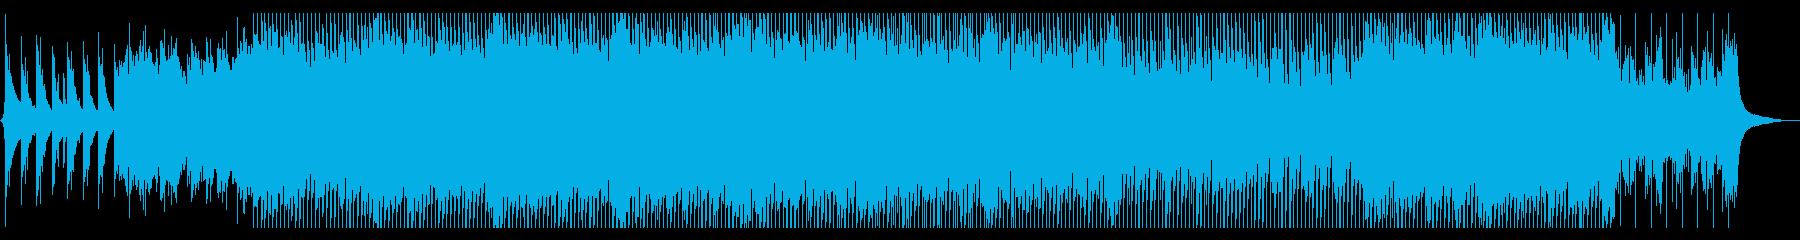 企業VP 温かいメロディーとピアノの再生済みの波形